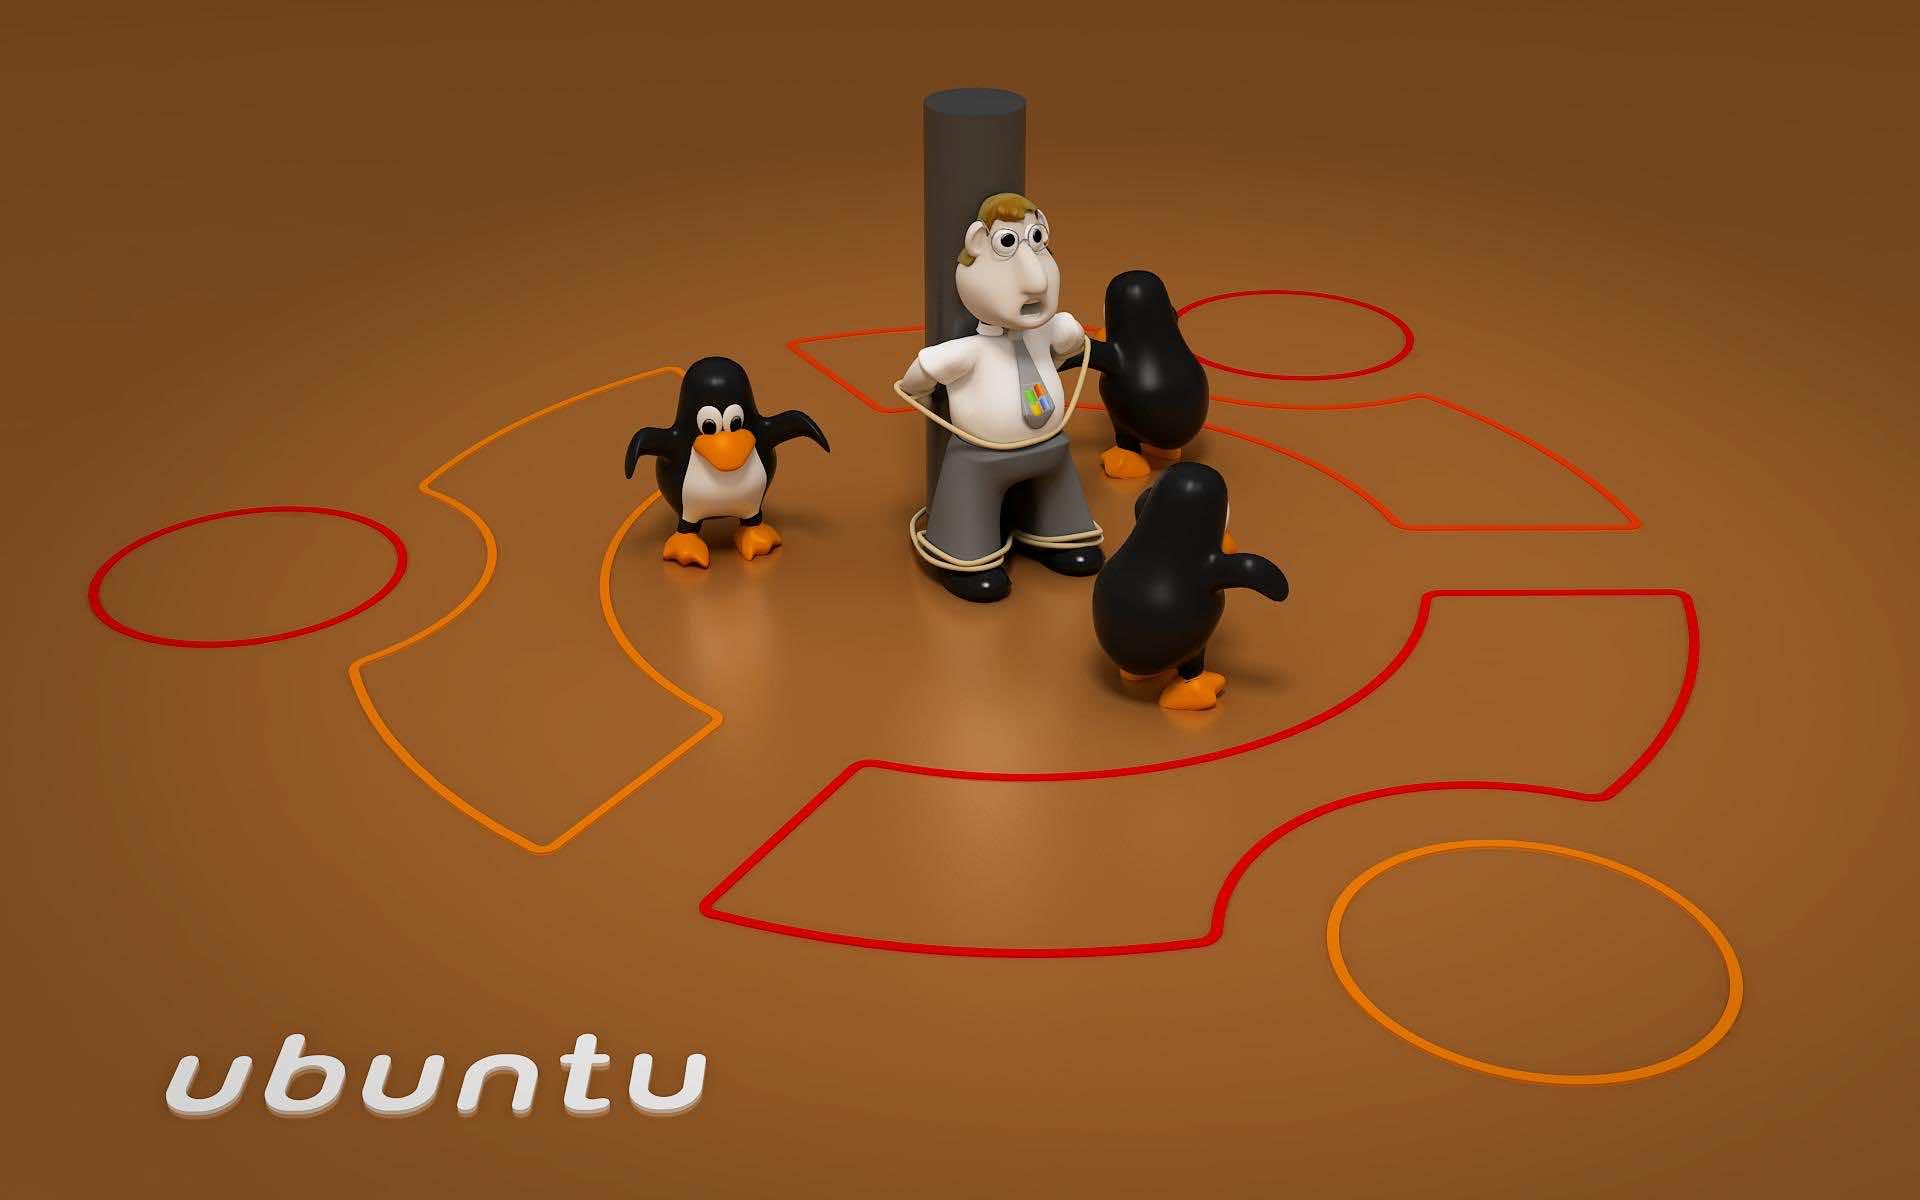 46 Free Ubuntu Wallpapers For Desktop and Laptops Ubuntu Server Wallpaper